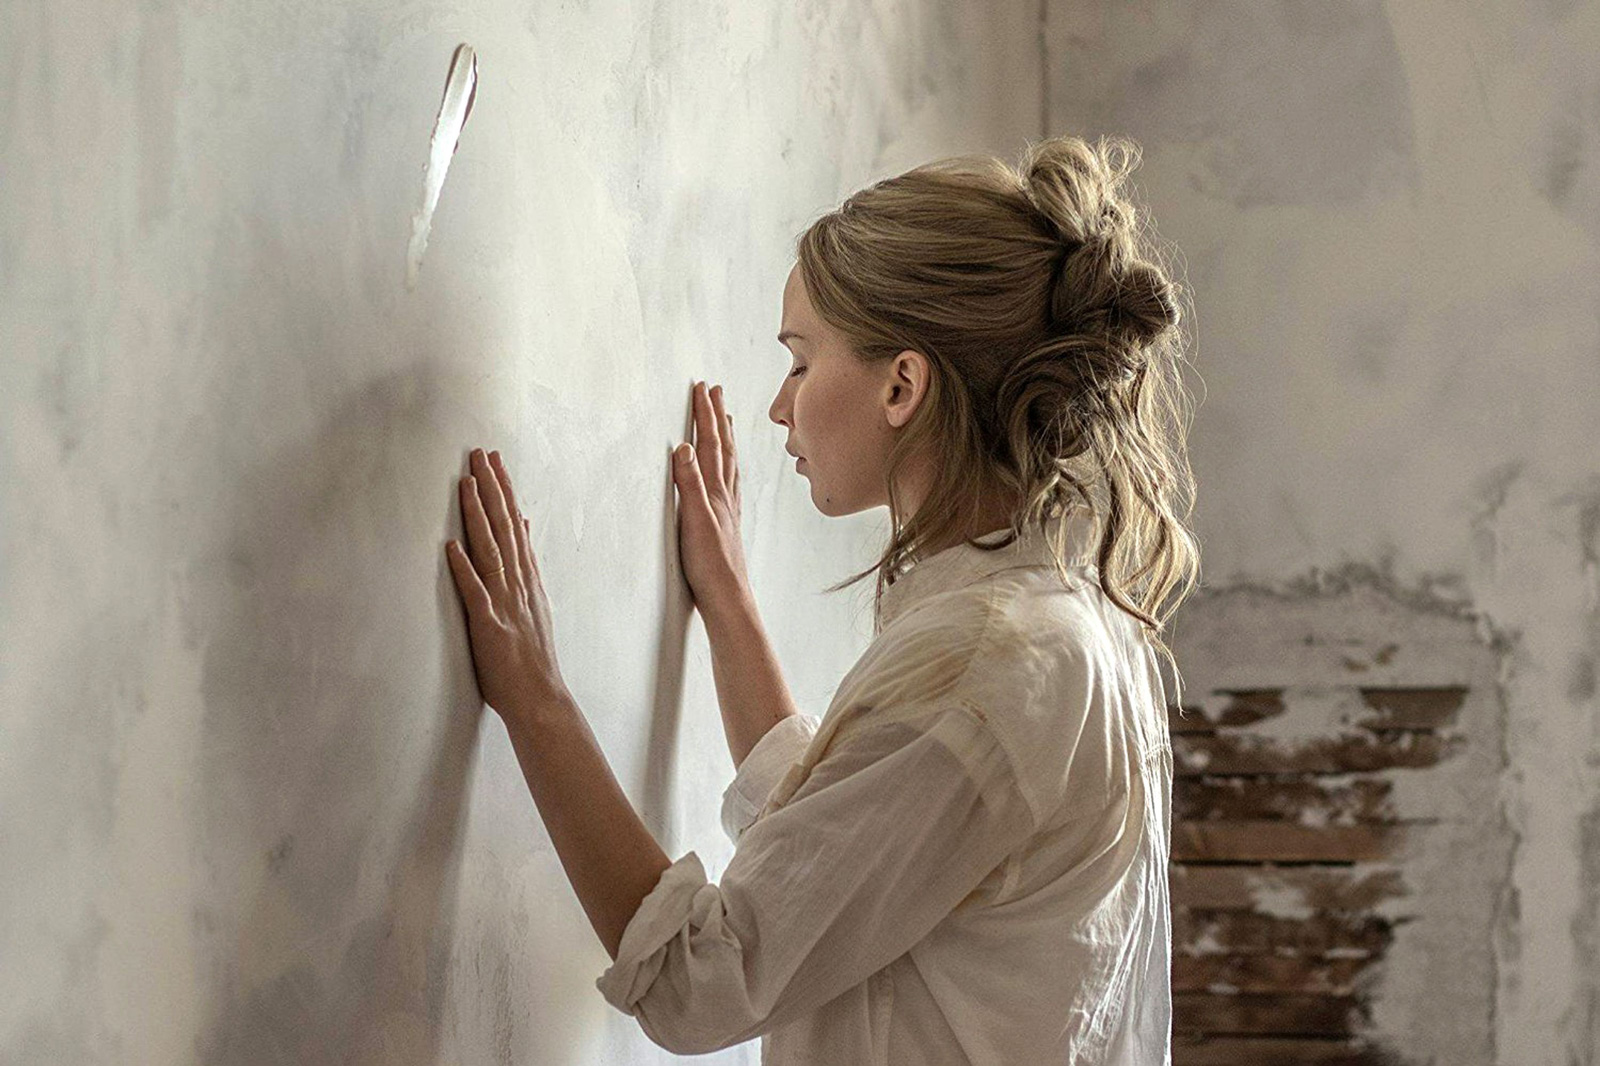 Jennifer Lawrence in Darren Aronofsky's Mother!, 2017